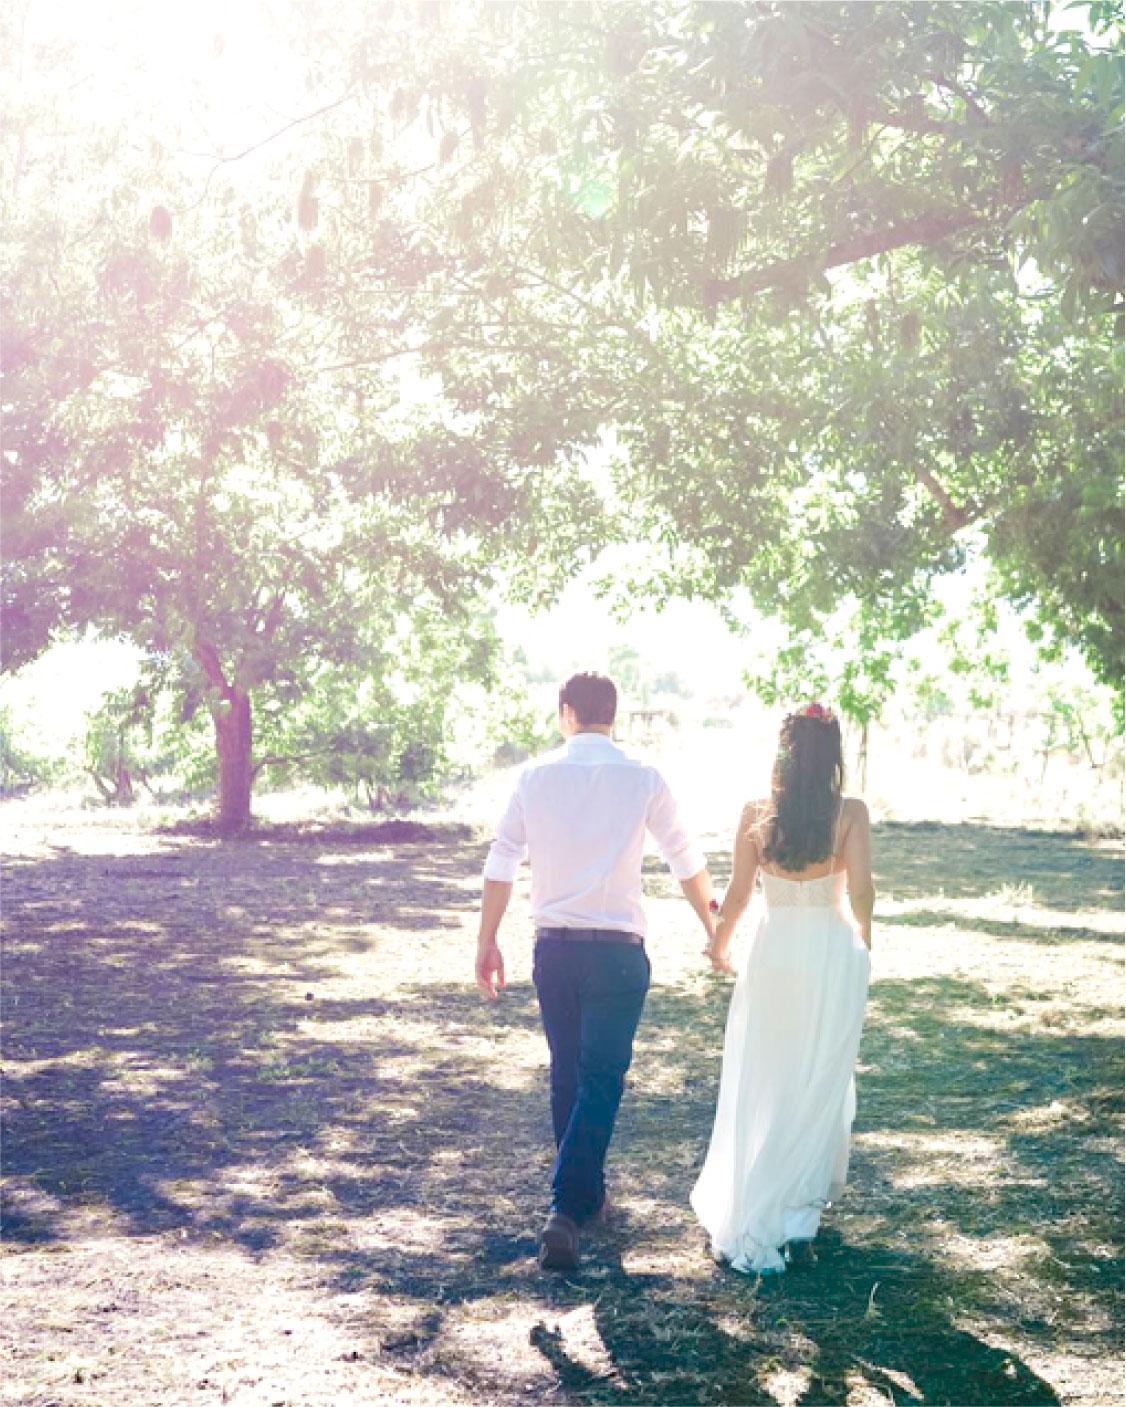 זוג בחתונה בטבע